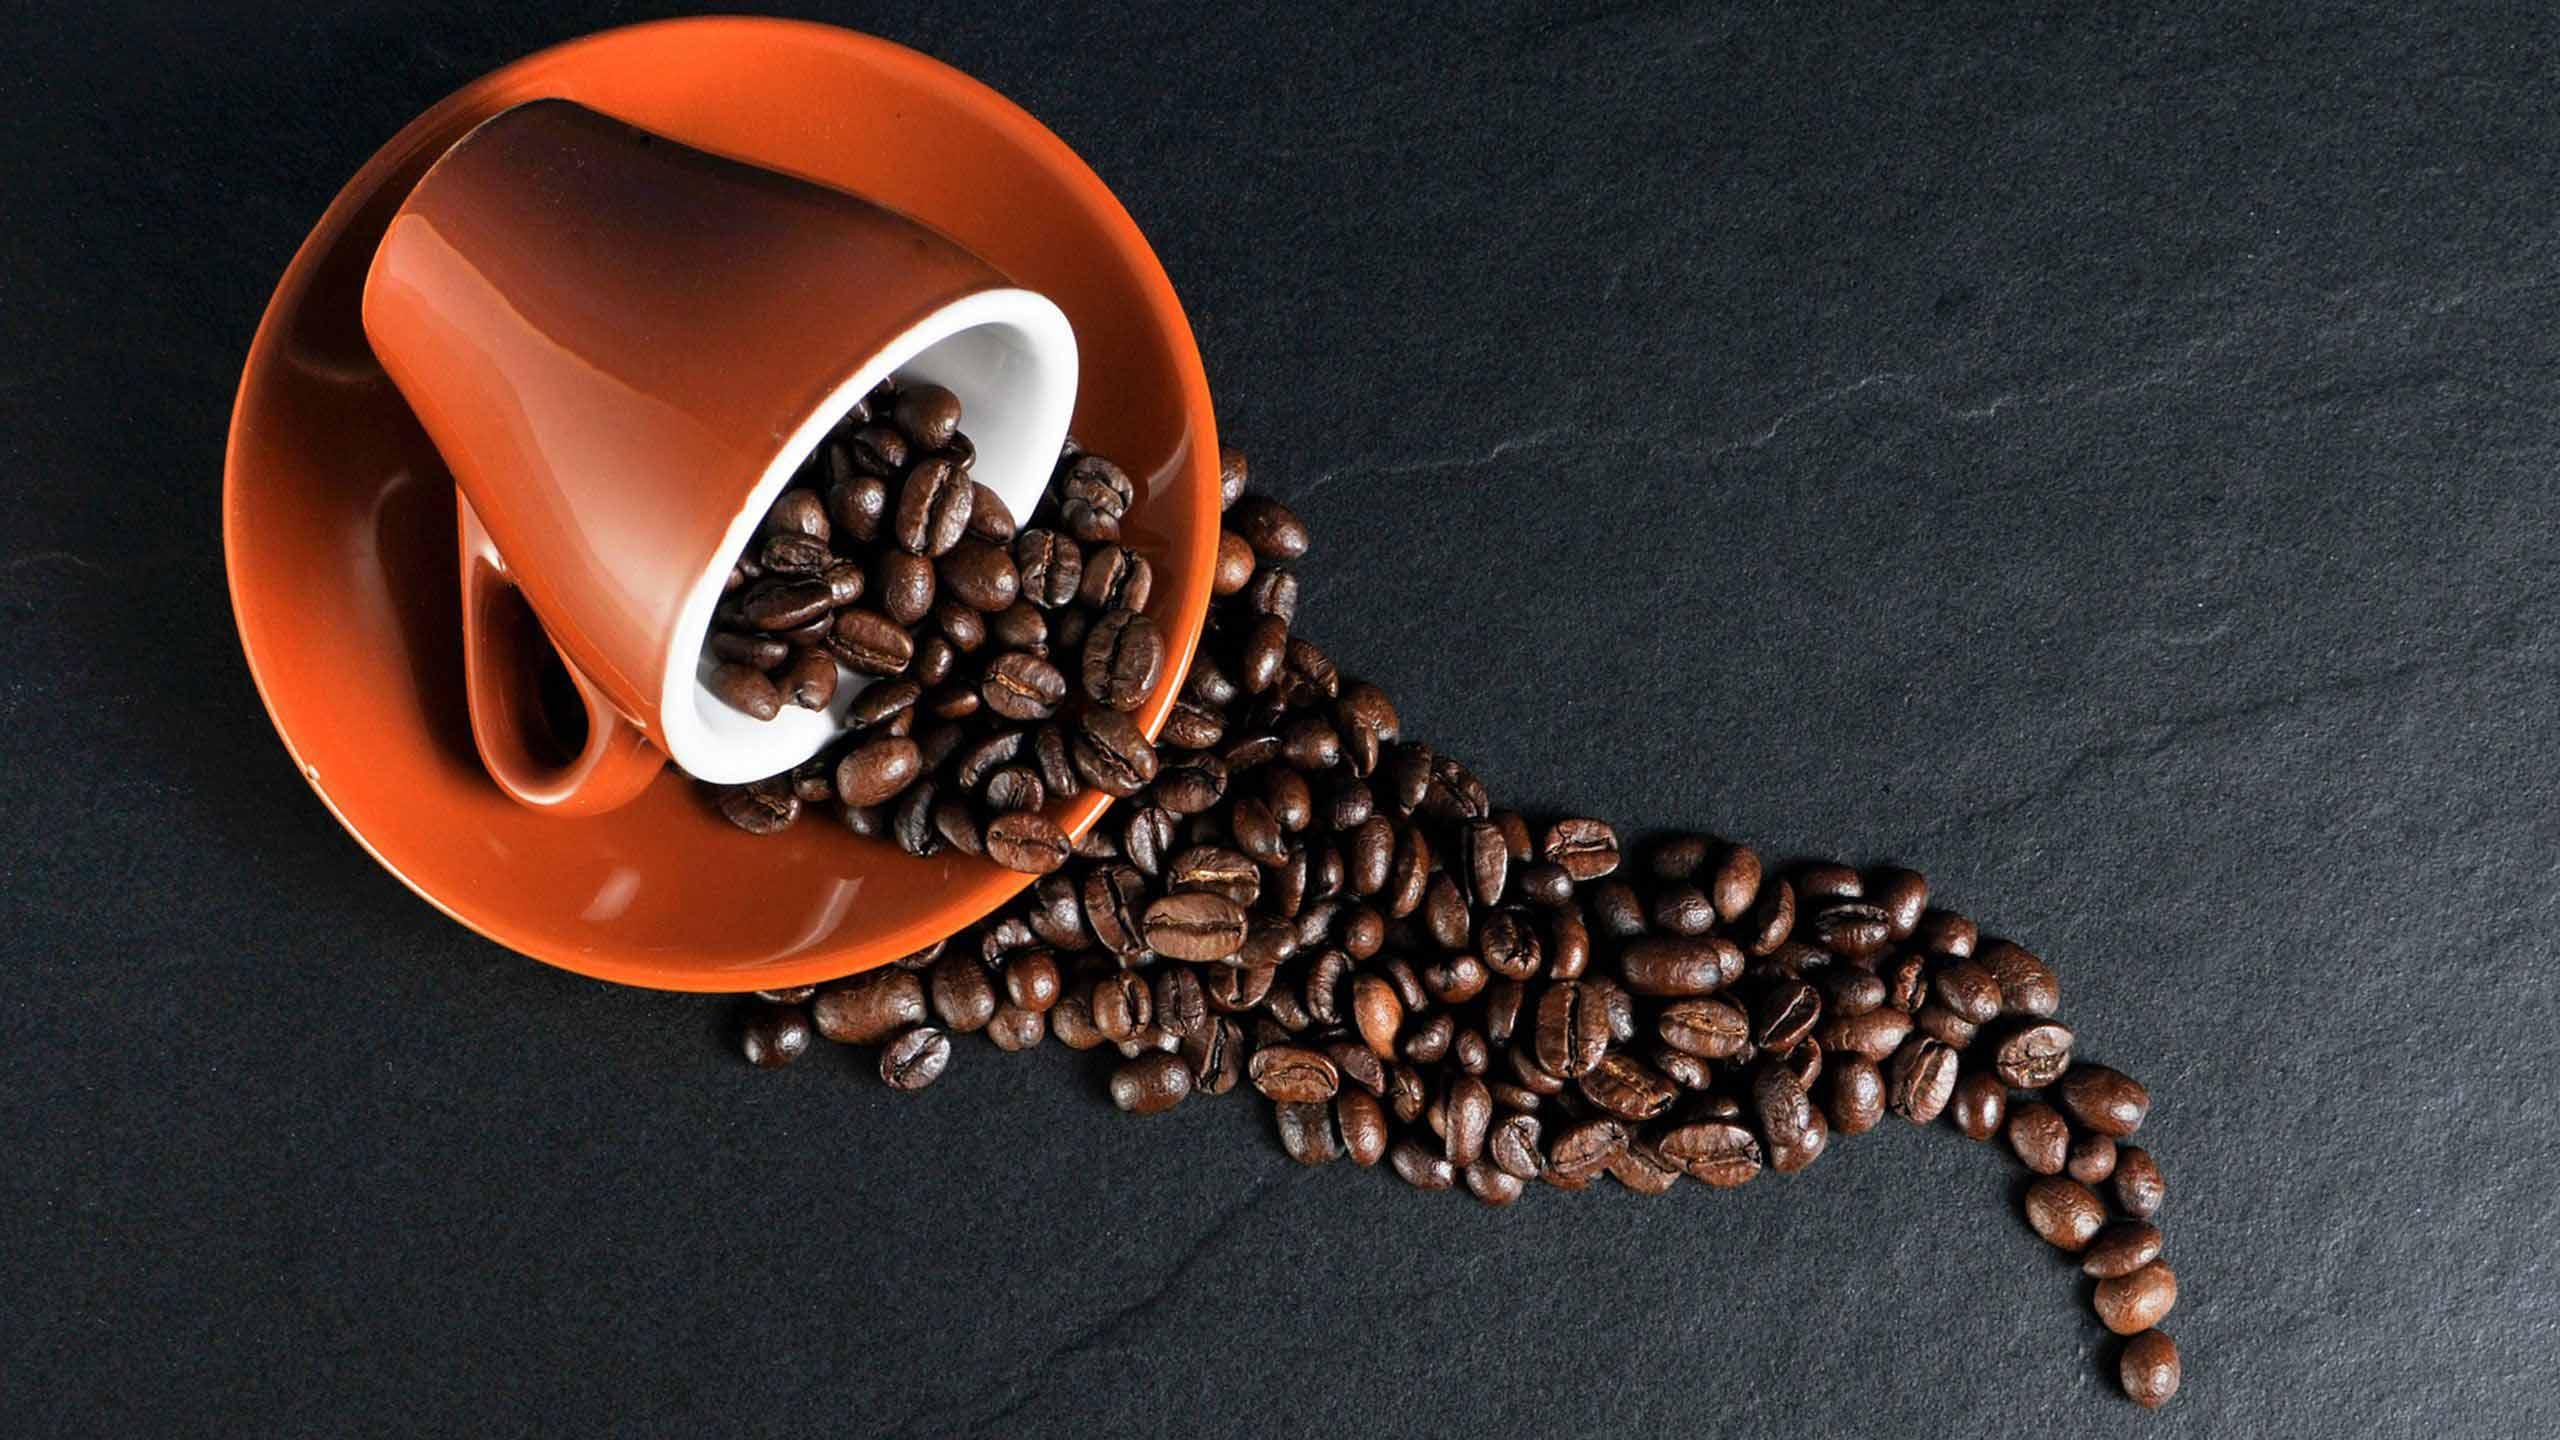 Guía para comprar una cafetera: cápsulas vs. goteo, guía y recomendaciones